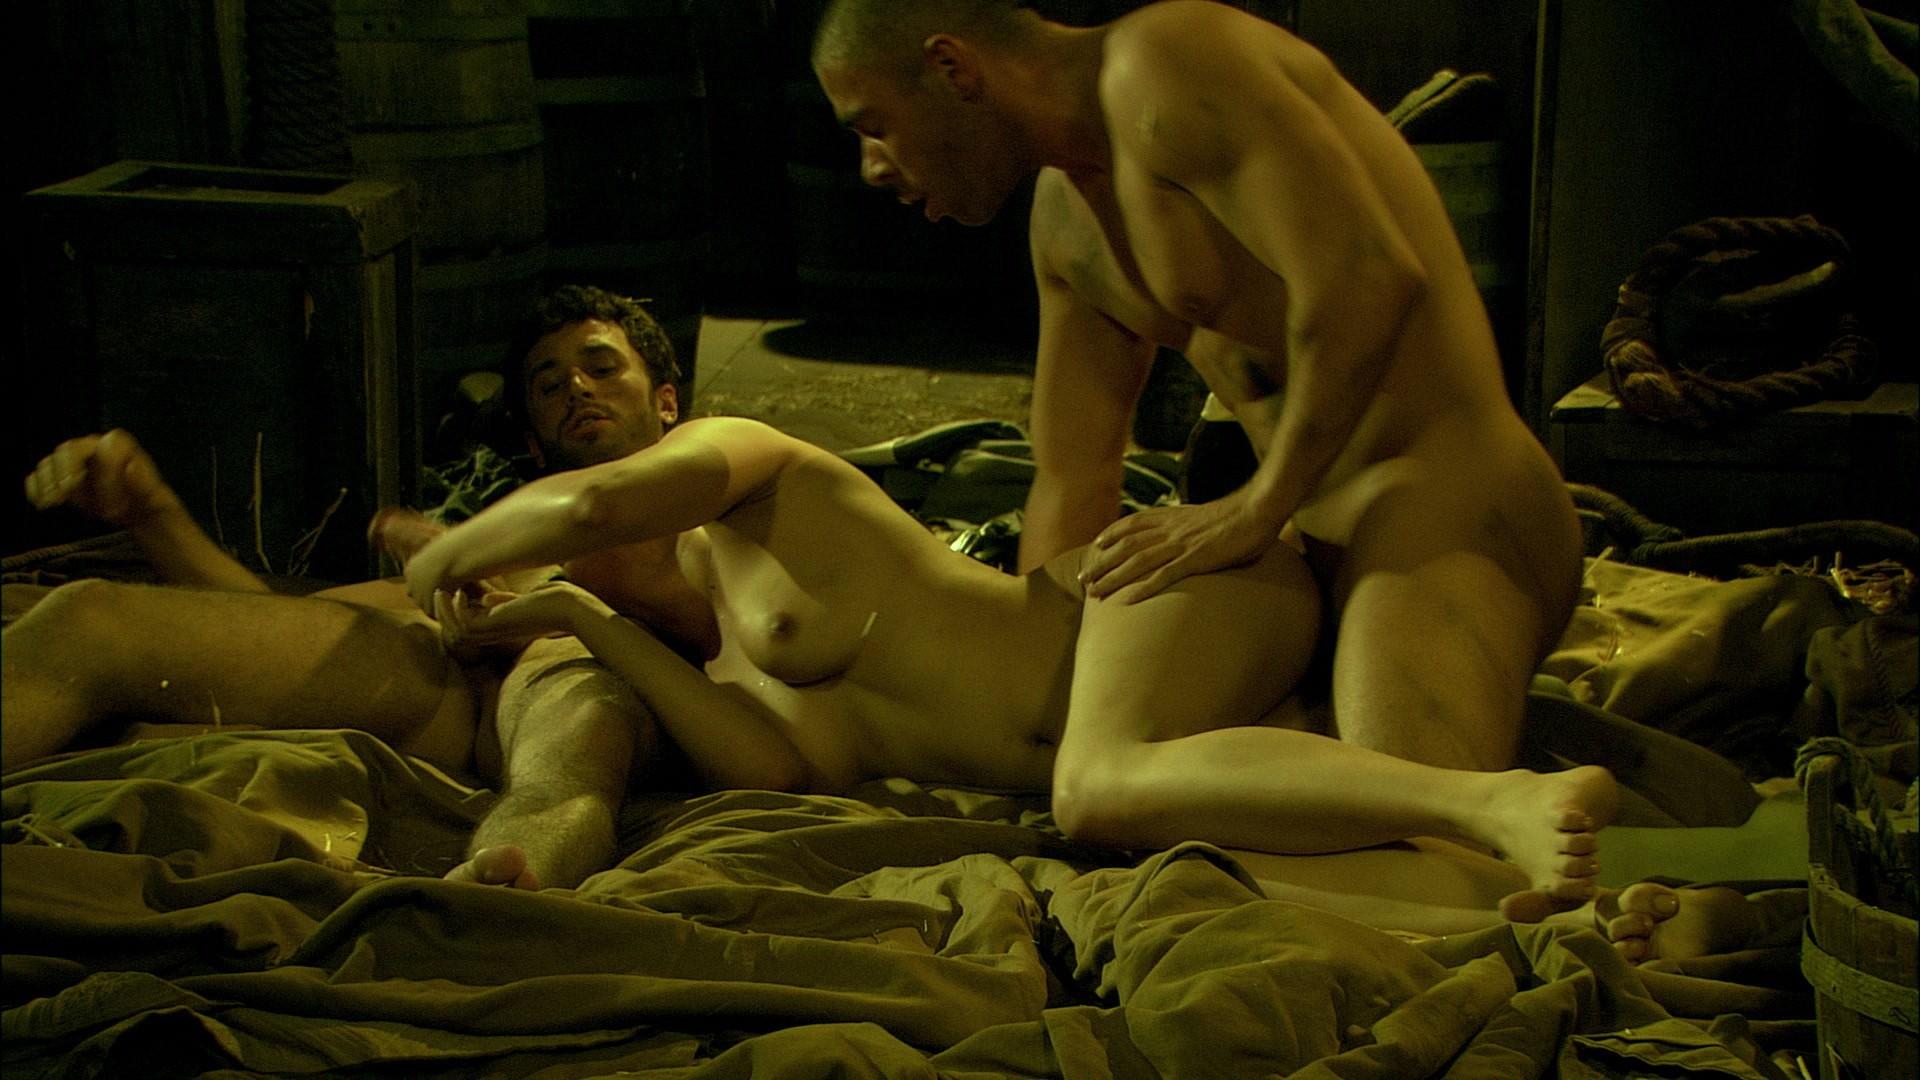 Смотреть онлайн русские фильмы эротика #11